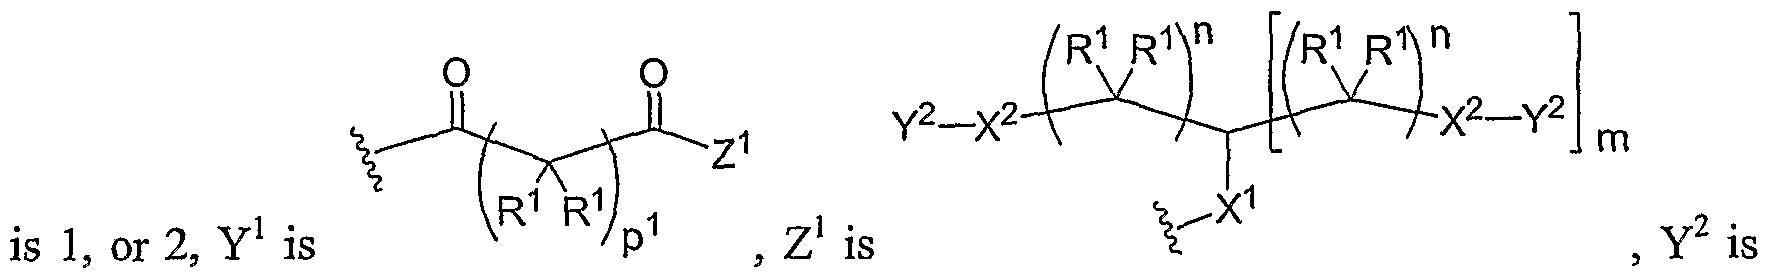 Figure imgf000115_0006